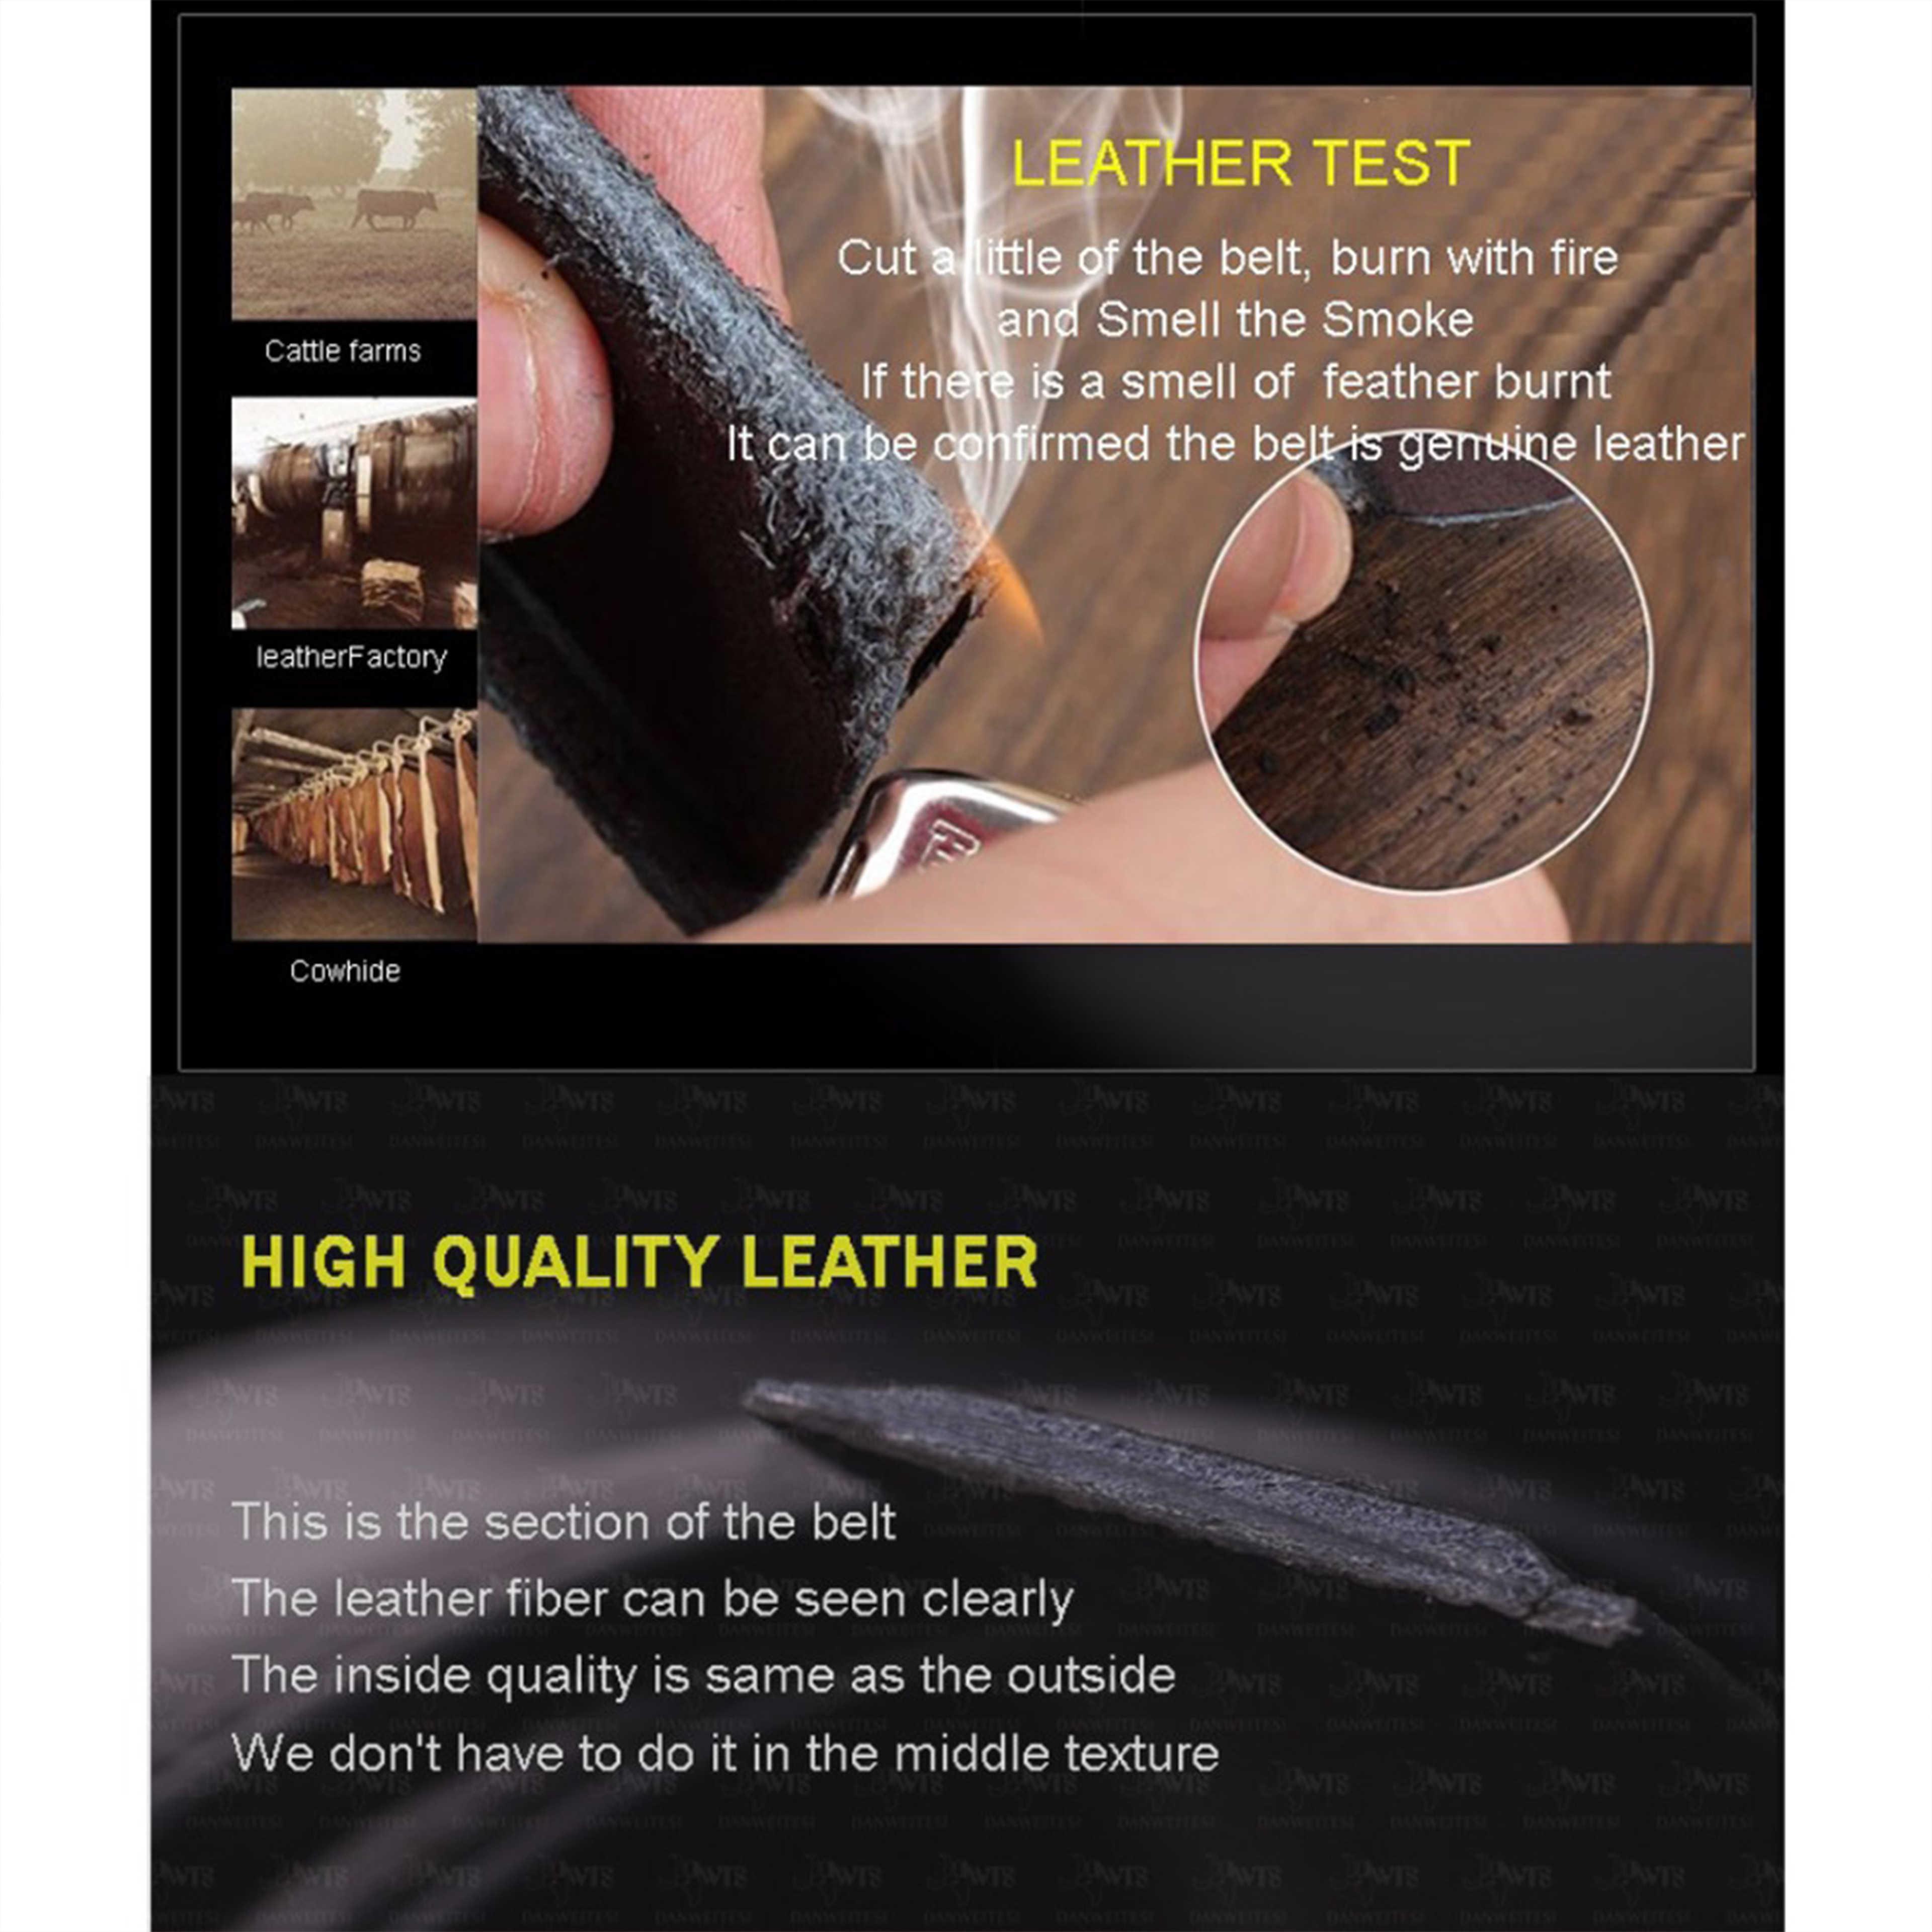 Мужской ремень с автоматическим зажимом [DWTS], черный пояс из натуральной кожи высшего качества, с пряжкой автомат, аксессуар для мужчин